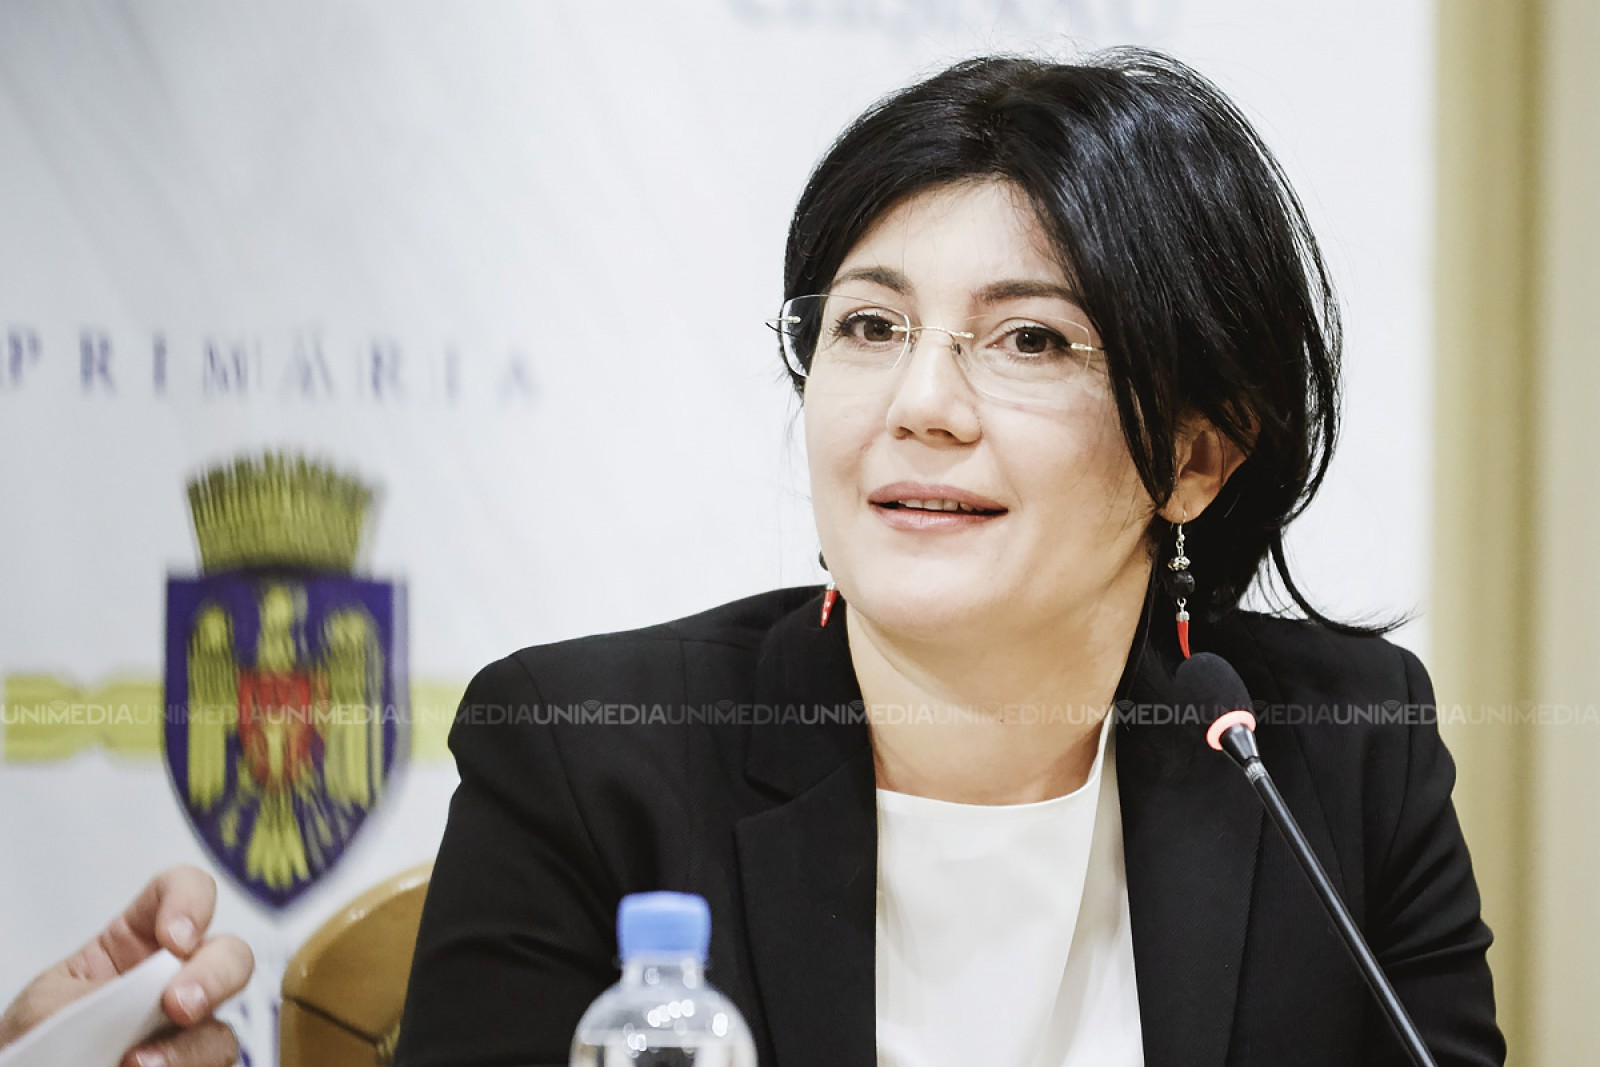 Purtător de cuvânt al PLDM: Silvia Radu este un candidat atipic, care în mod normal nu ar fi trebuit să existe